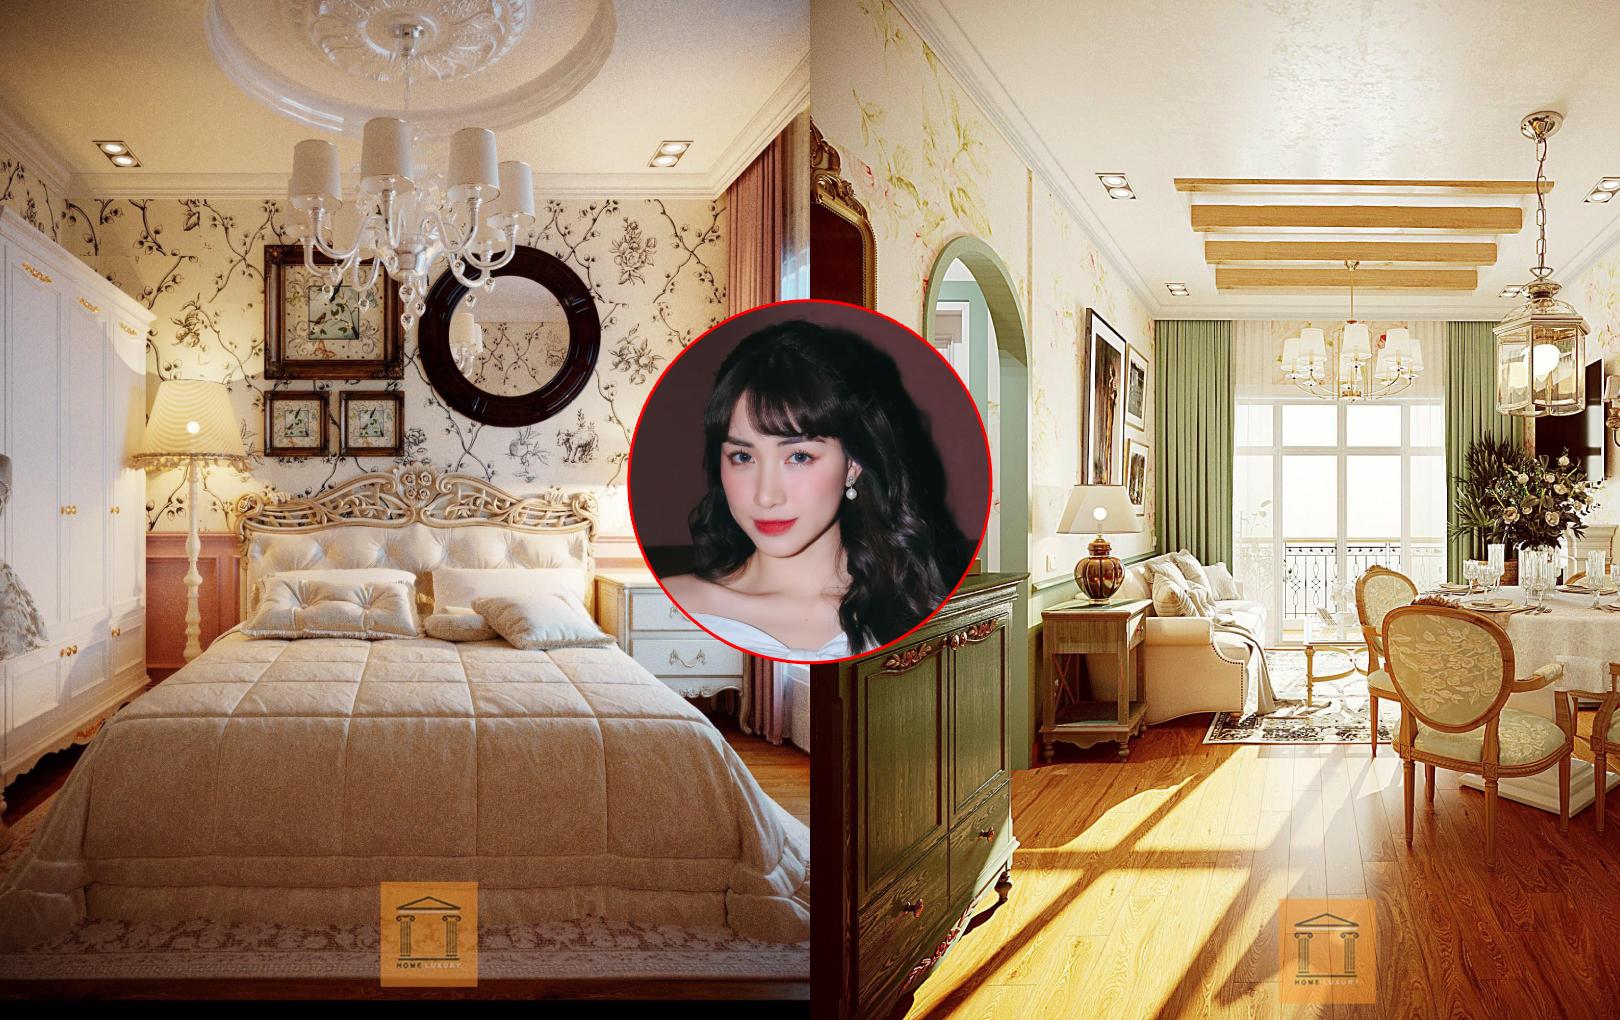 Hòa Minzy tậu nhà mới ở Hà Nội, nội thất đậm chất vintage châu Âu siêu xinh